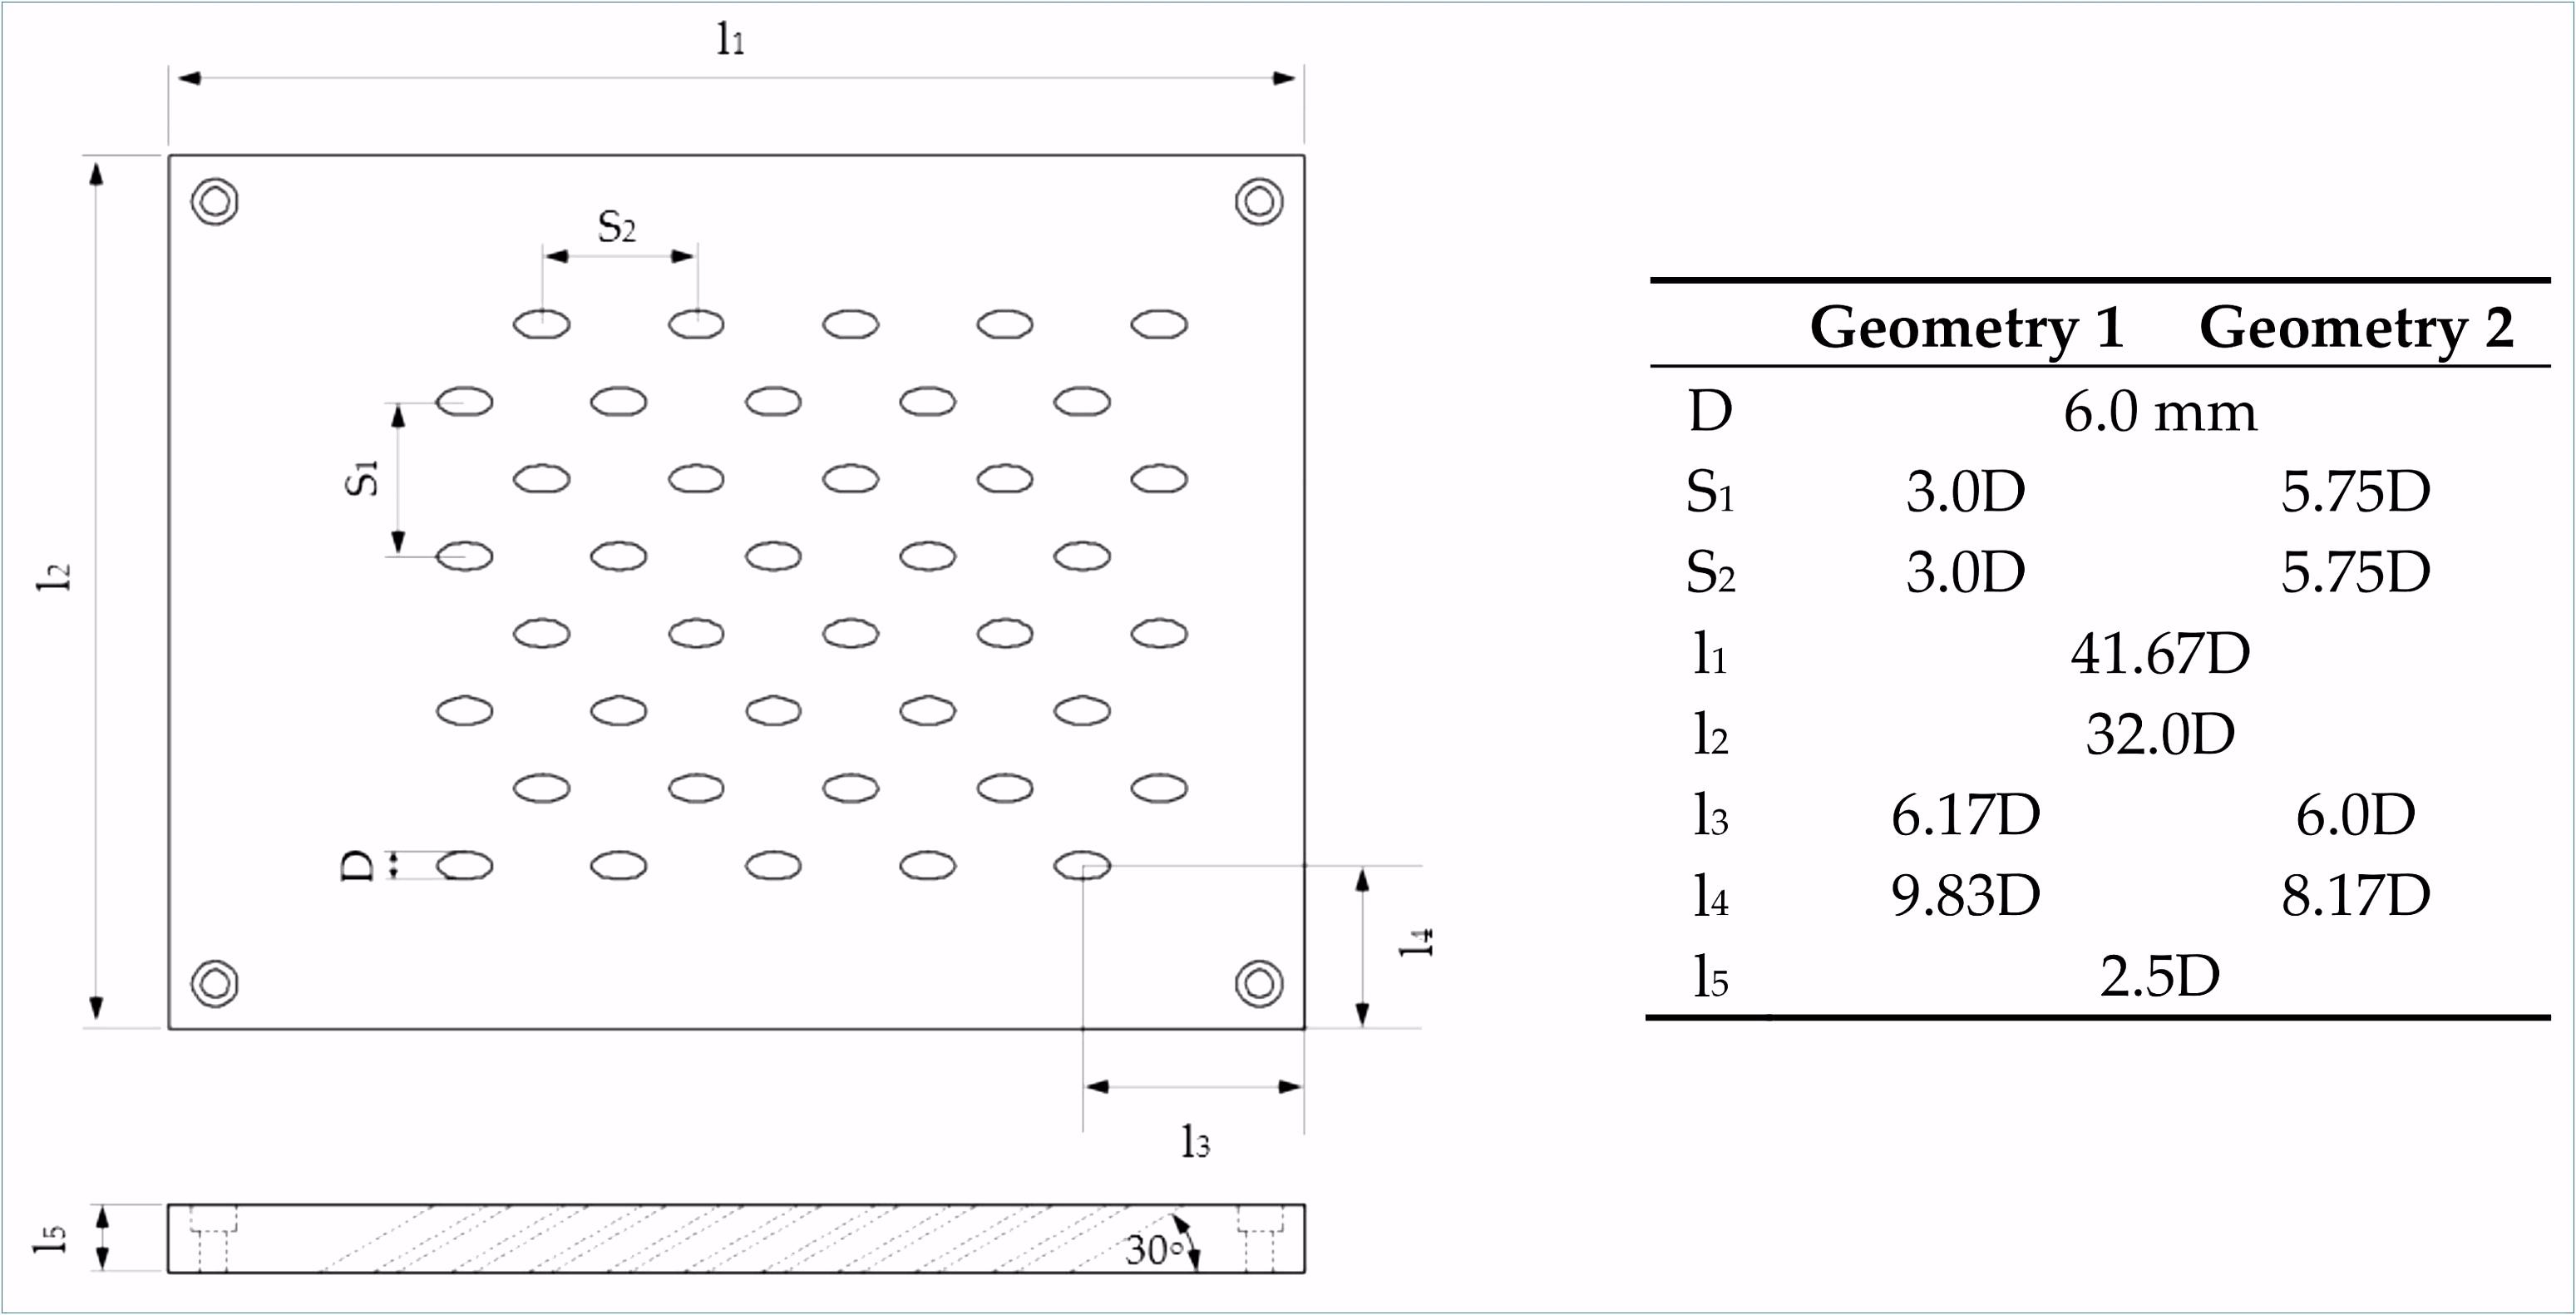 Excel Buchhaltung Vorlage Die Besten Excel Vorlagen Download P1qg06nlv3 T5bqmuksr5